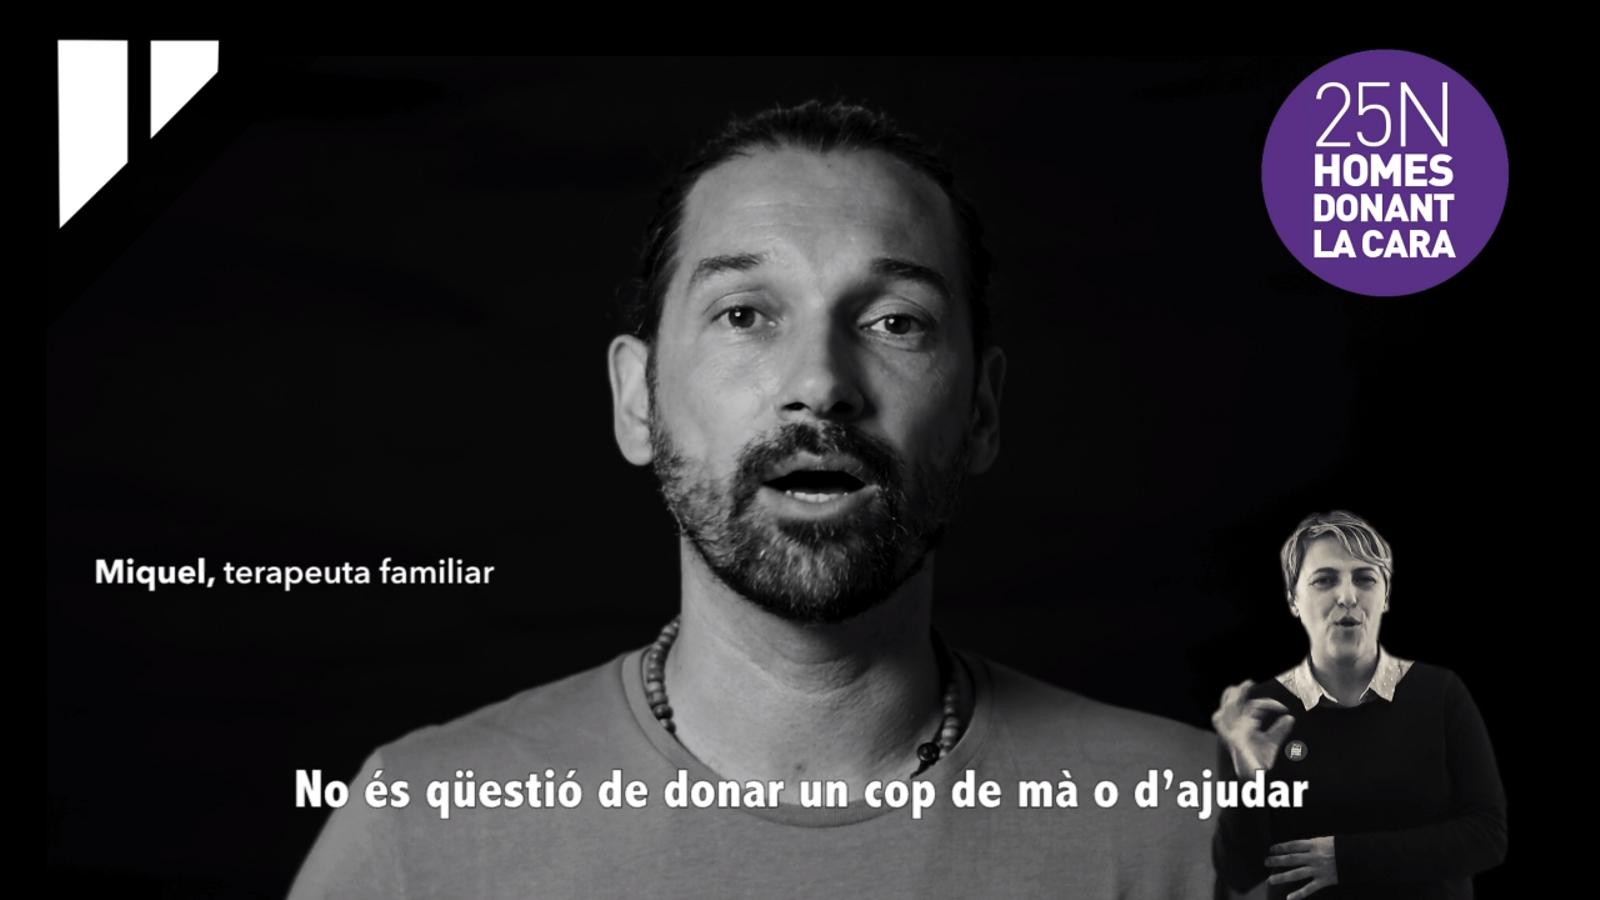 Vídeo de la campanya contra la violència de gènere